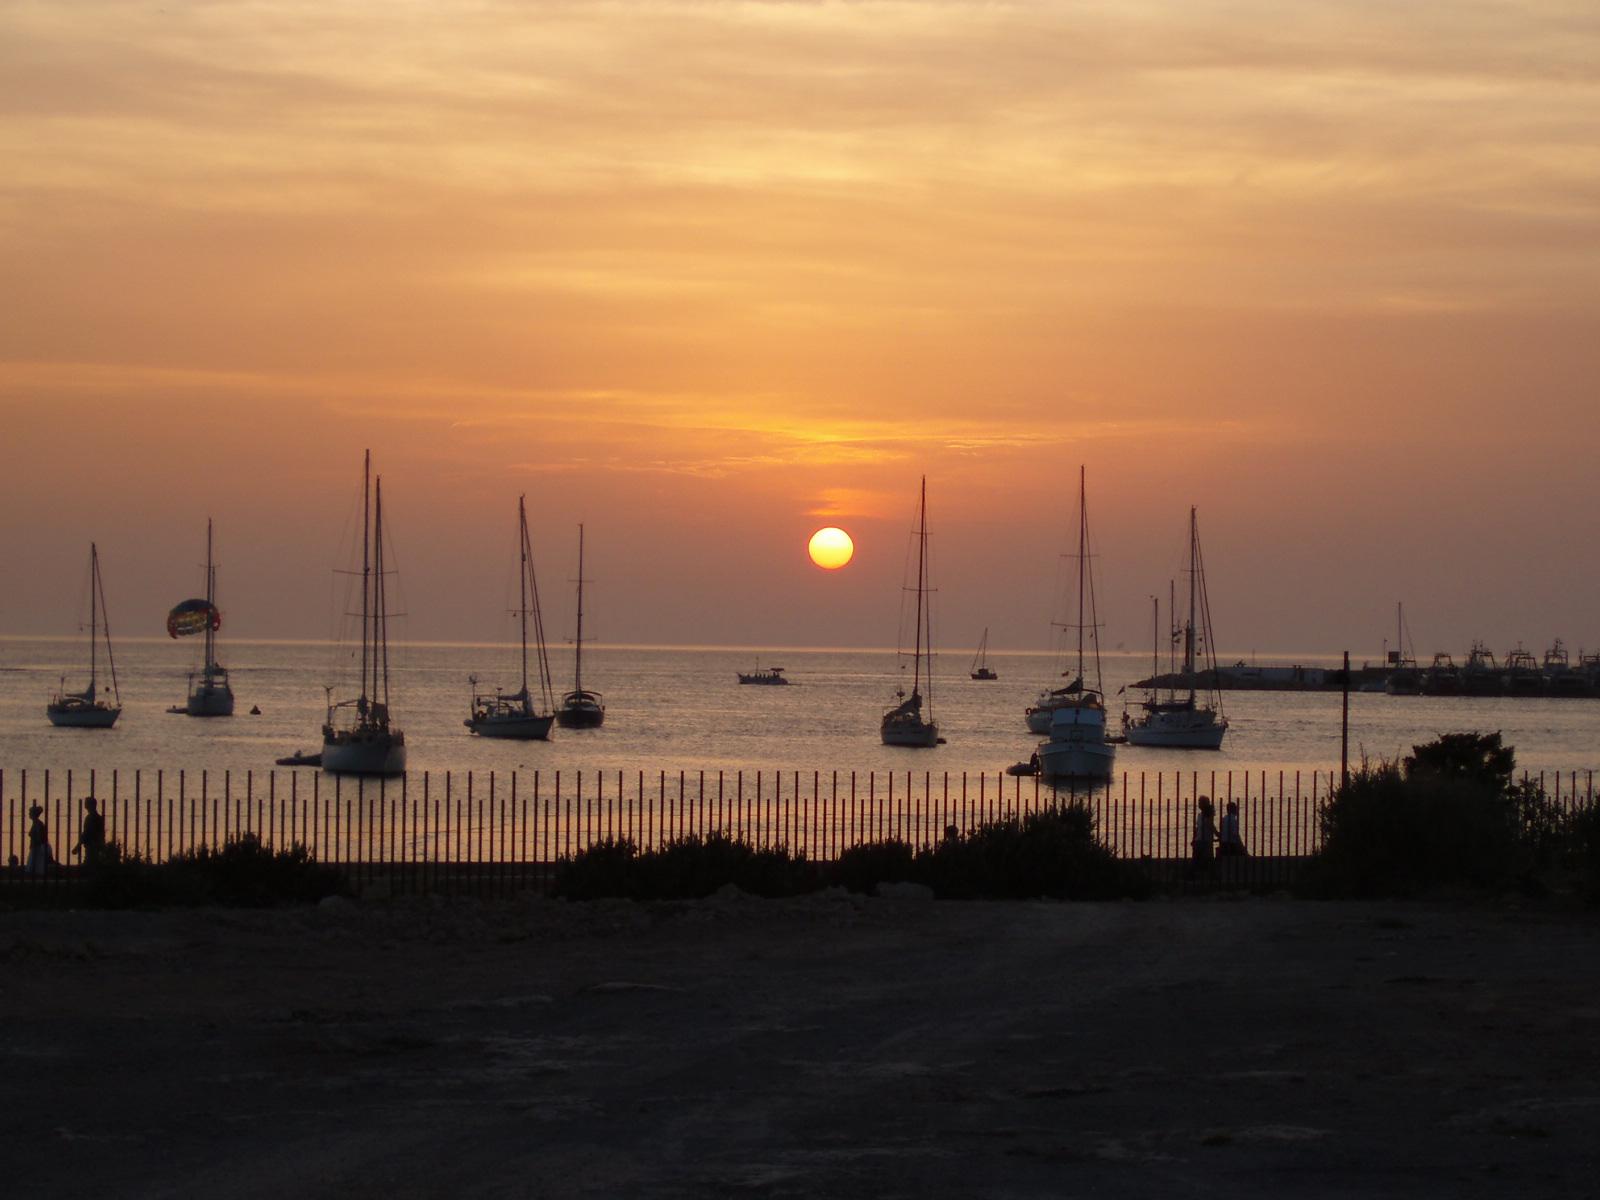 Foto playa San Antonio / Es Regueró. Velas y parasailing atardecer